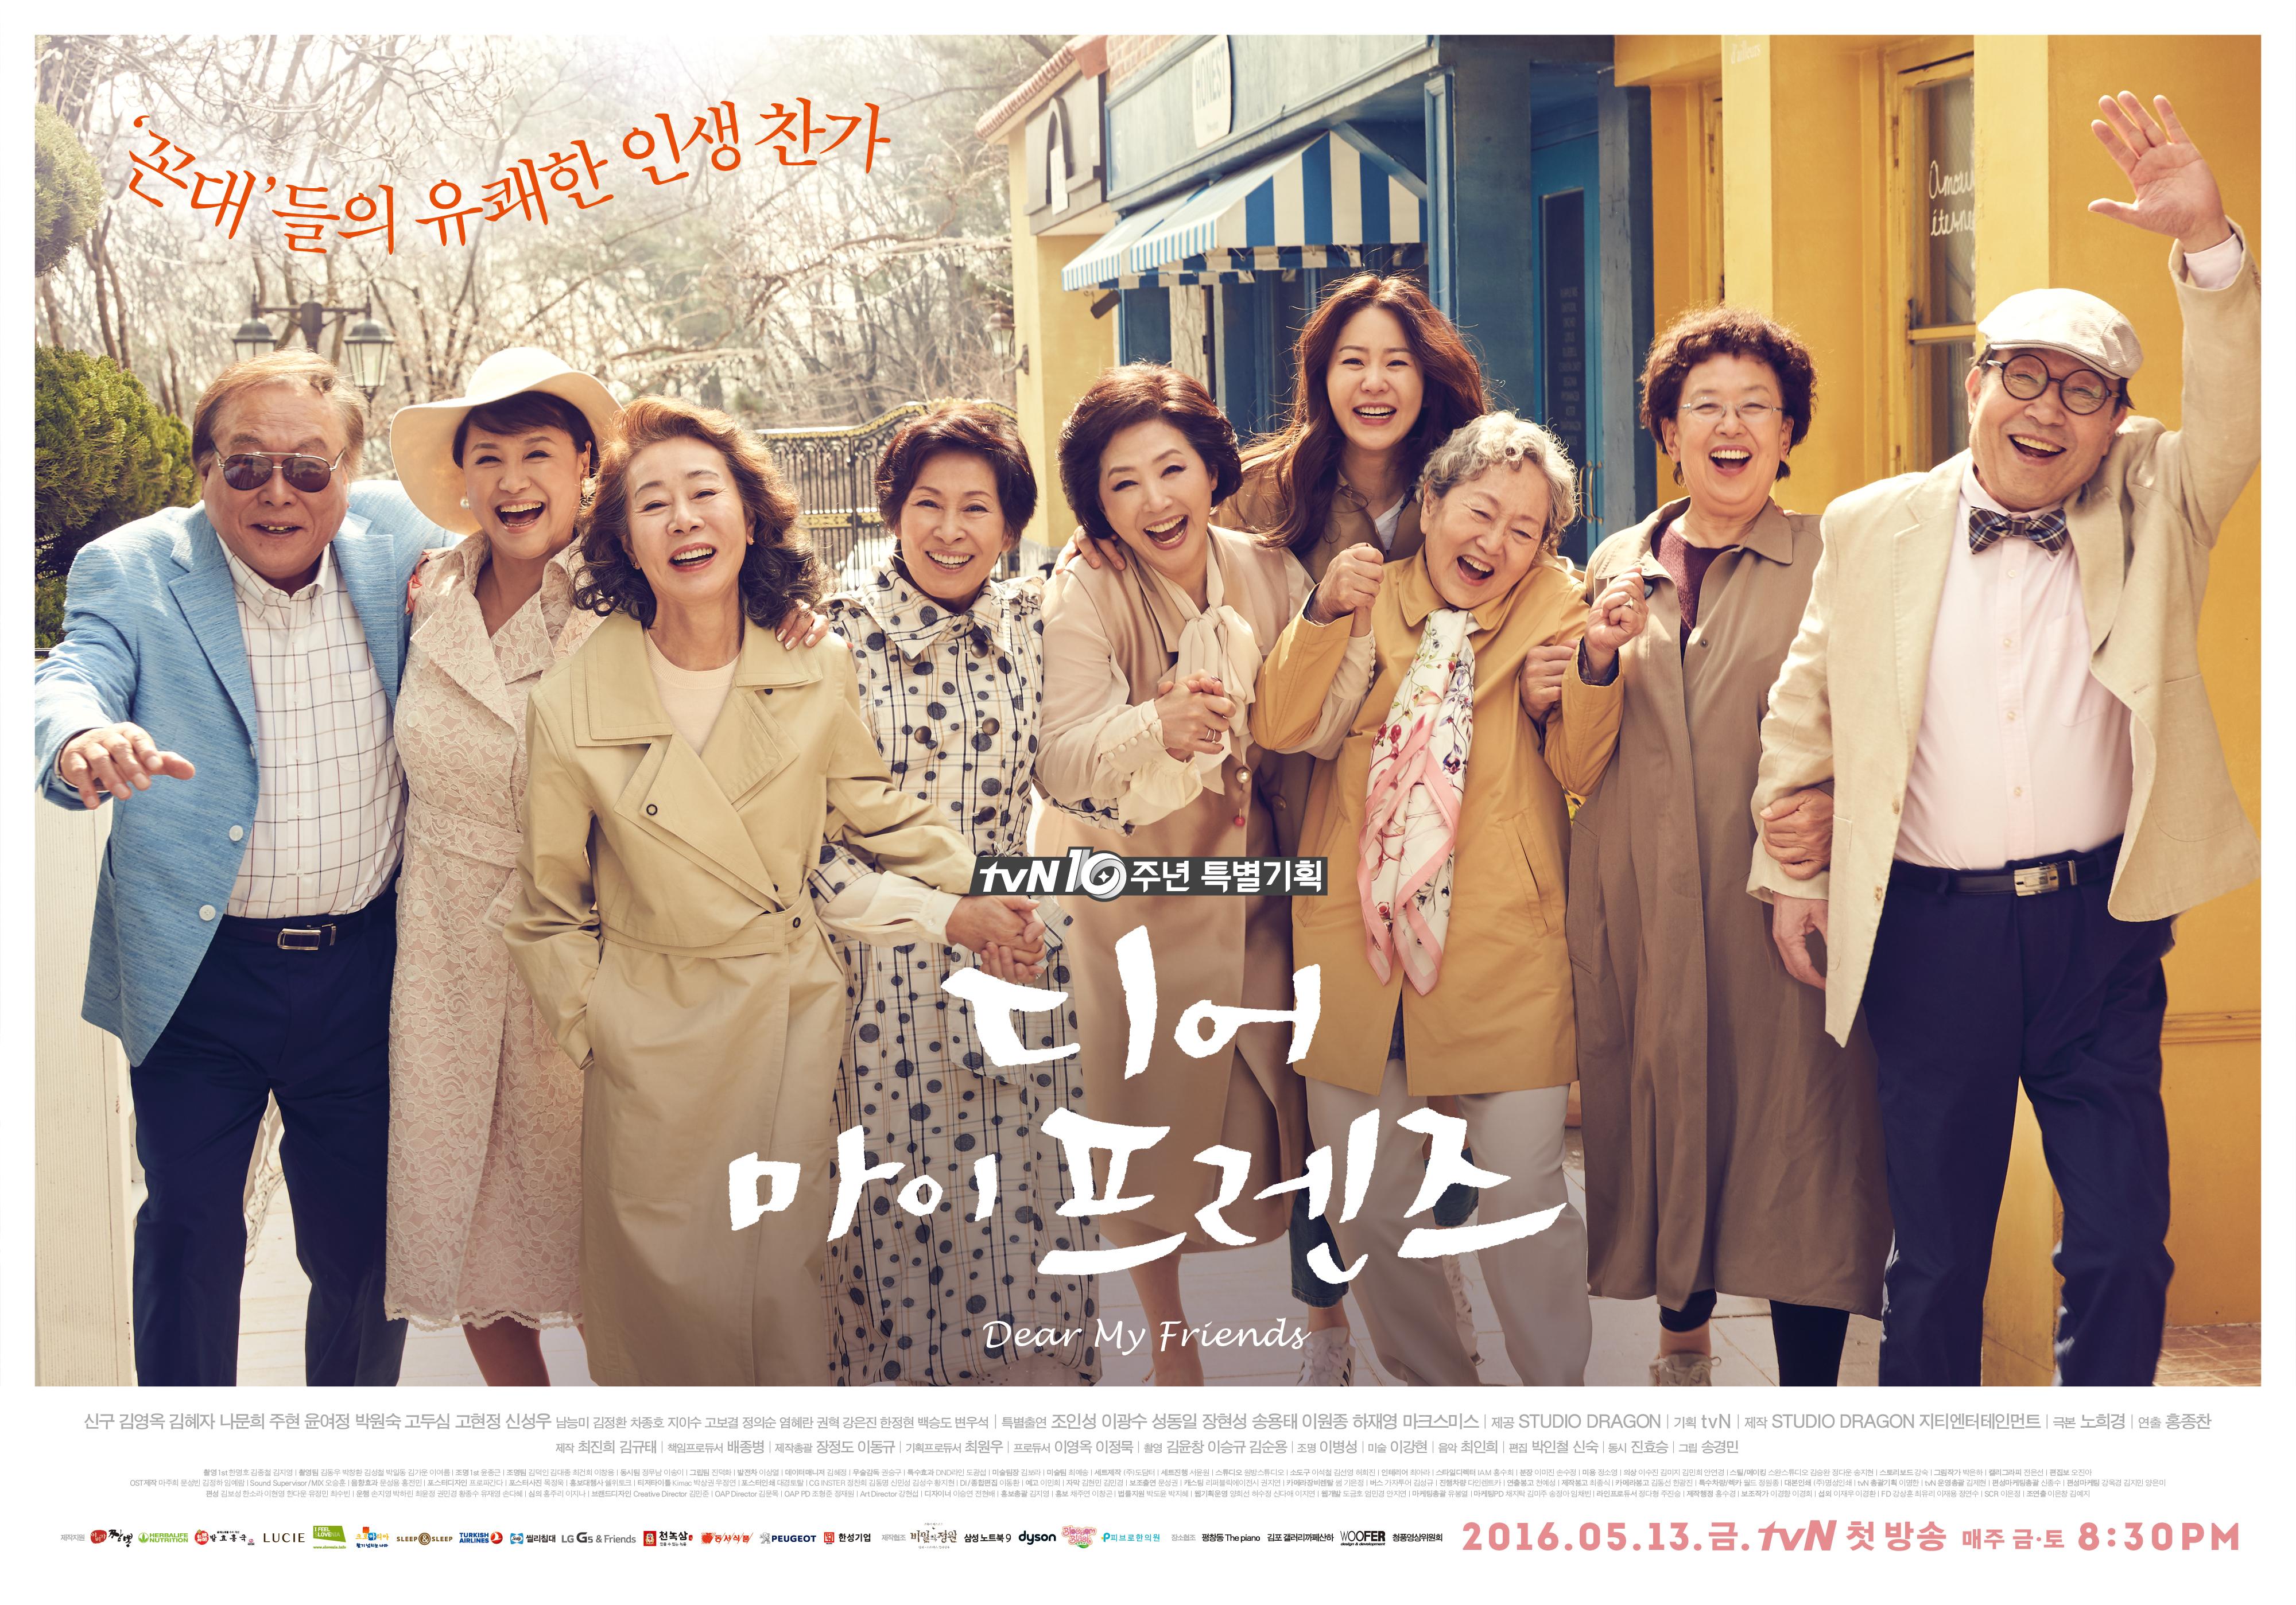 Korea Awards 2016 No Hee Kyung